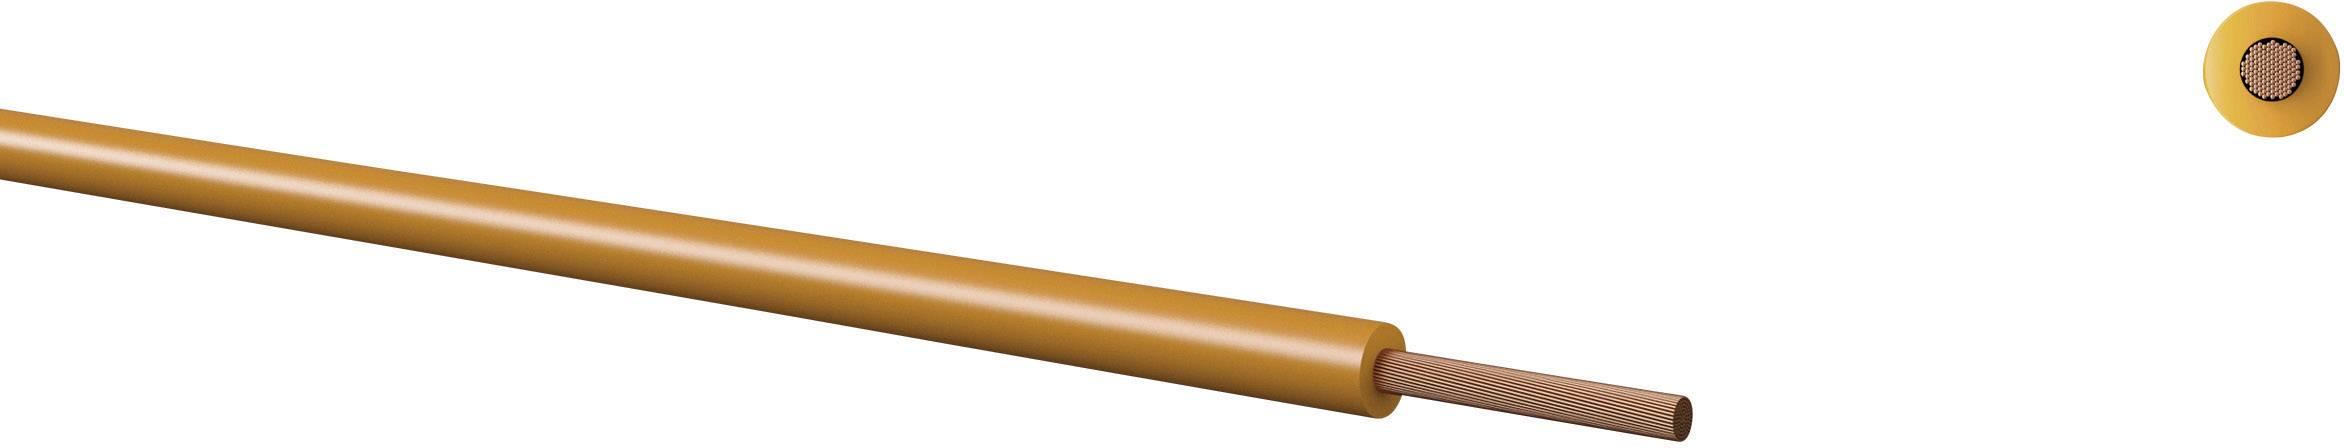 Opletenie / lanko Kabeltronik 160102502 LiFY, 1 x 0.25 mm², vonkajší Ø 1.40 mm, metrový tovar, hnedá